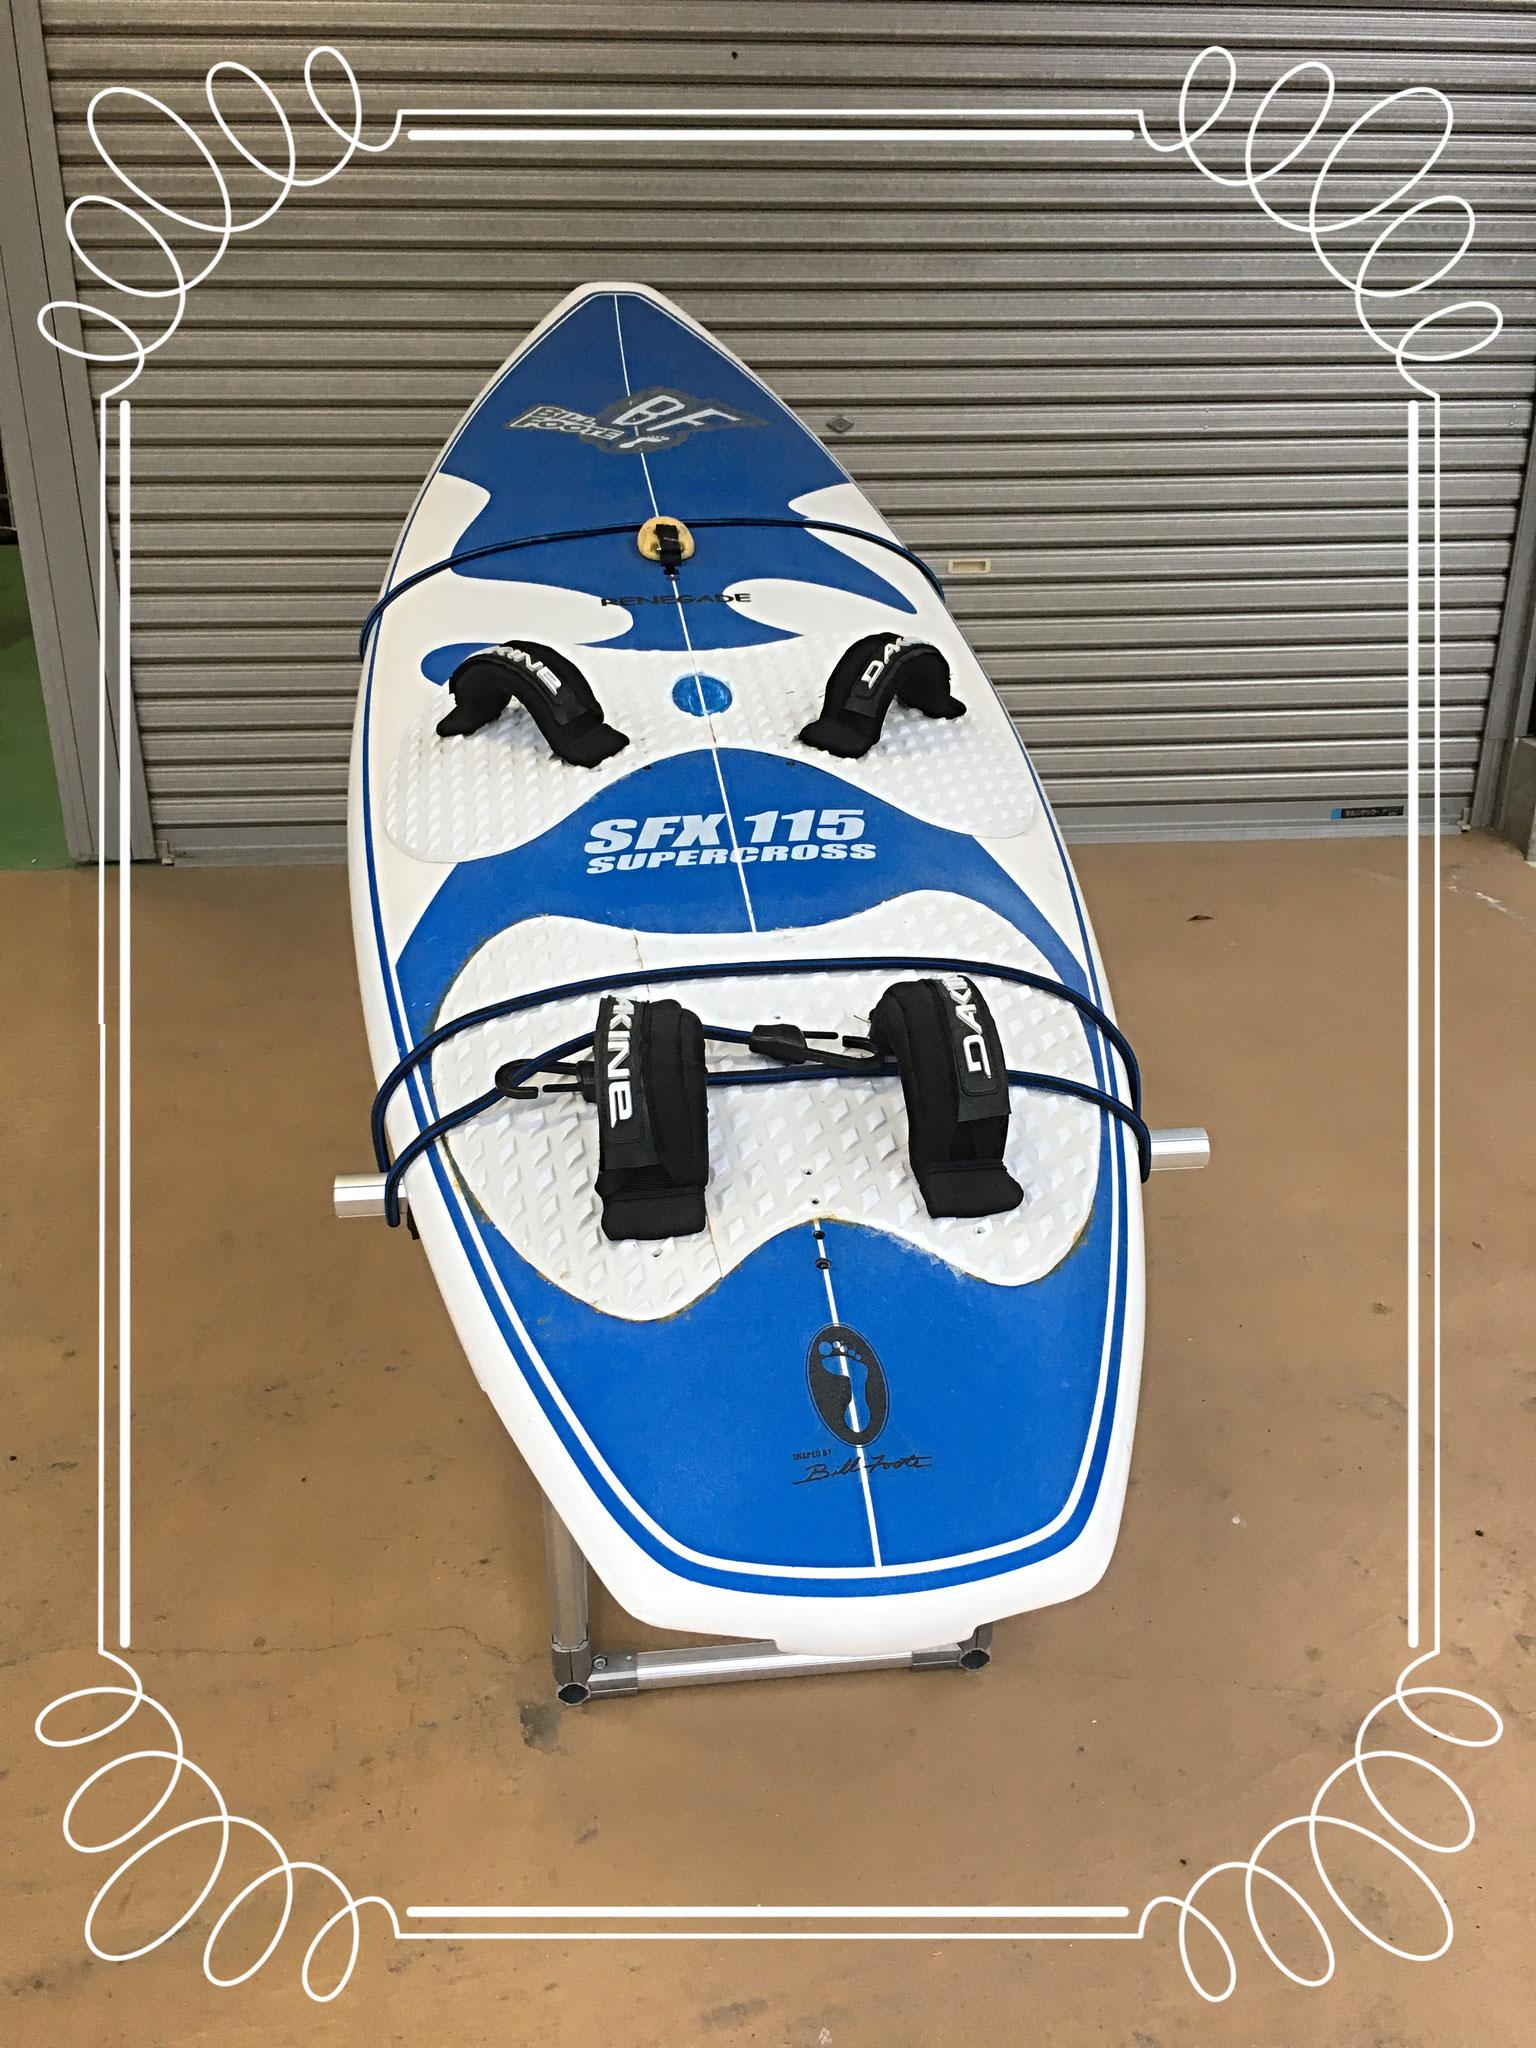 Wサーフィンボードを乗せてみました!